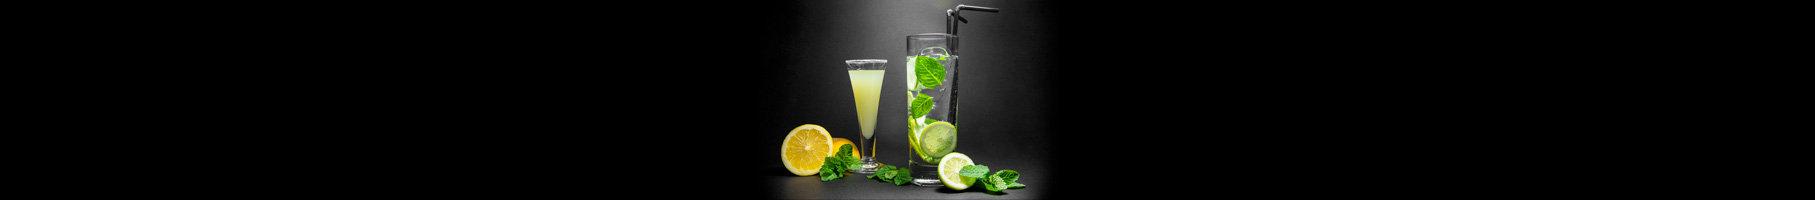 Faixa-1815pxx200_Bebidas.jpg